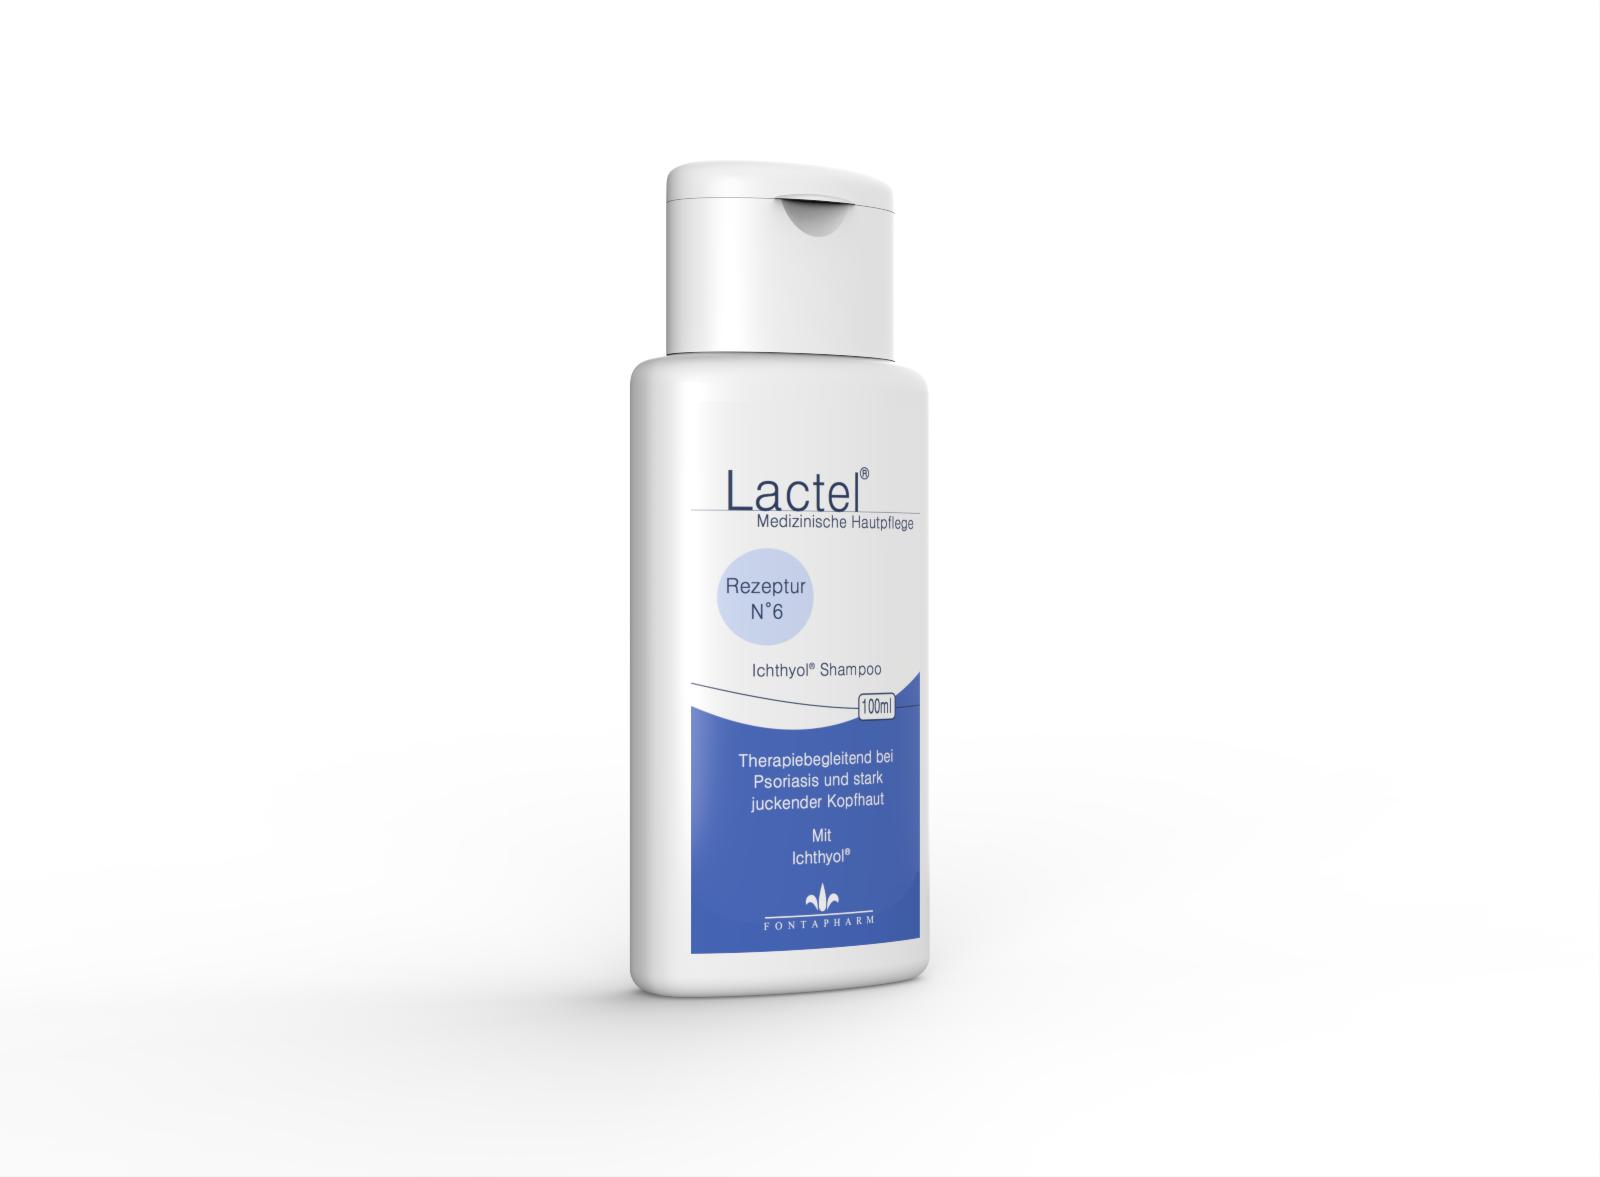 Lactel N° 6, das Shampoo gegen juckende, festhaftende Kopfhautshuppen mit Ichthyol